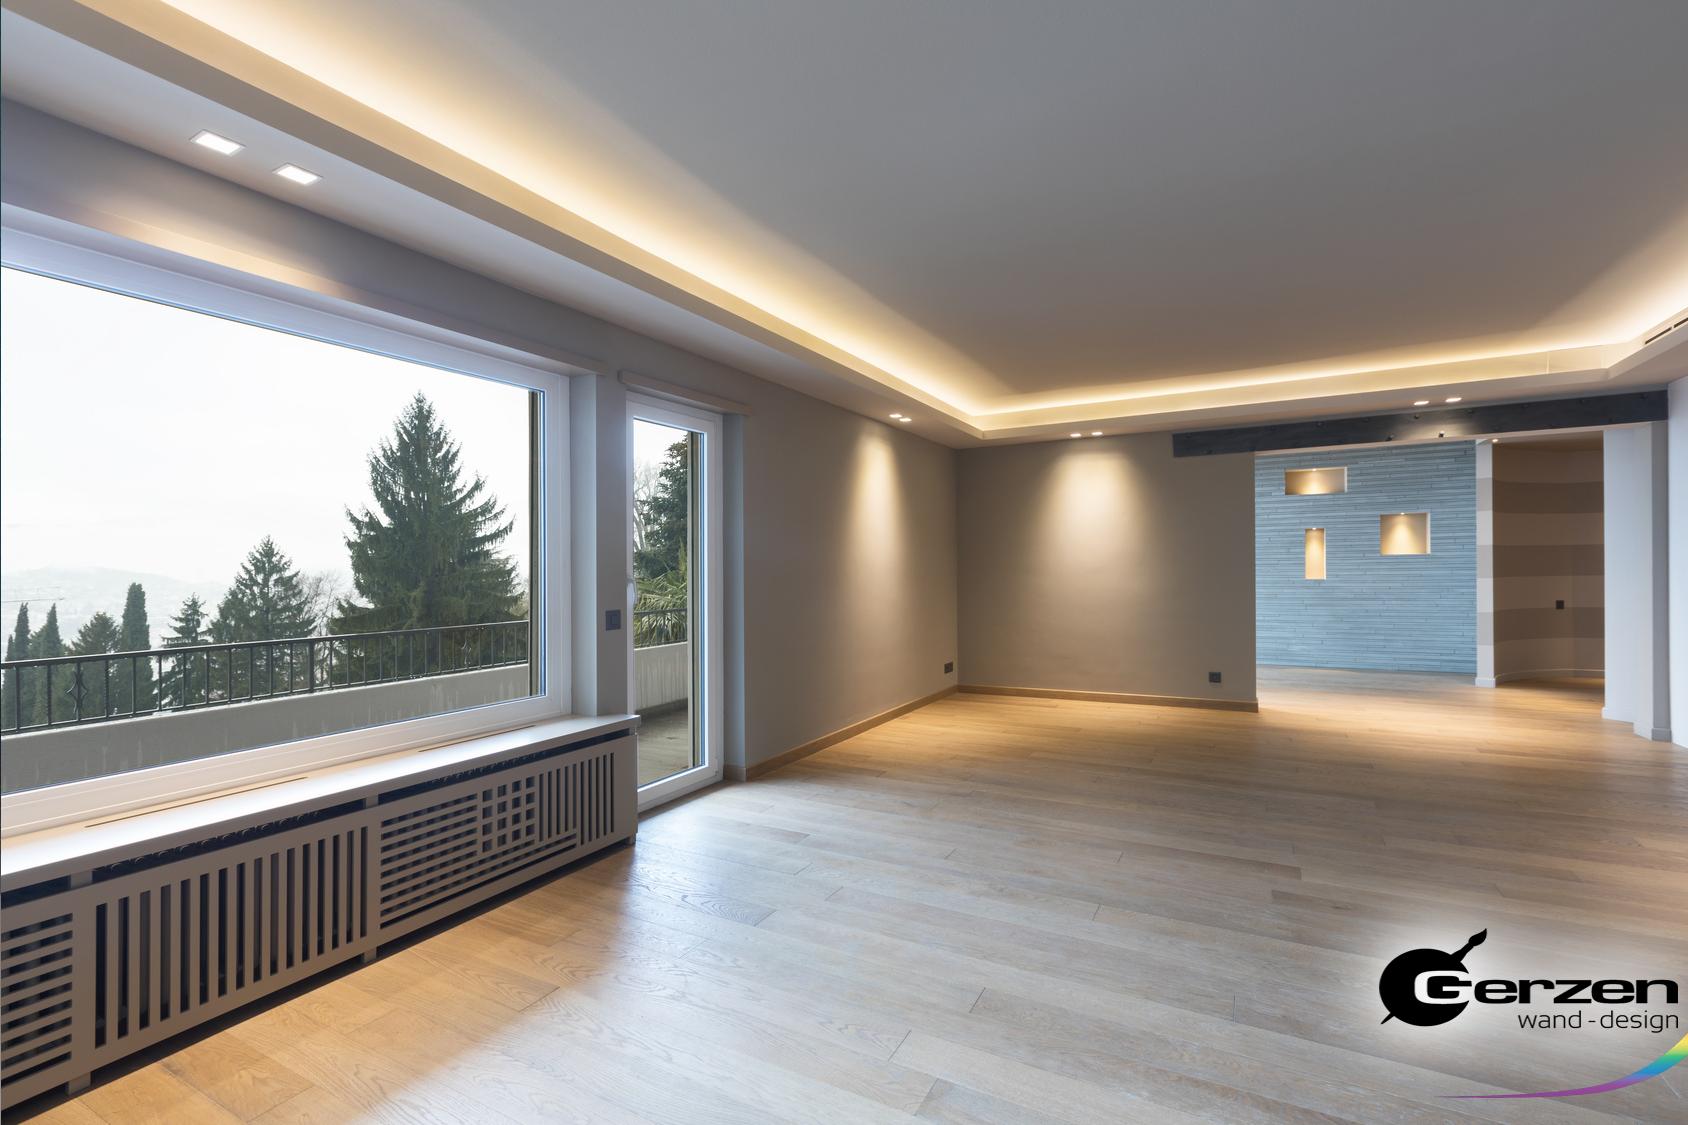 Full Size of Wohnzimmer Indirekte Beleuchtung Abgehngte Decke In Einem Modernen Heizkörper Teppich Tapete Hängeschrank Weiß Hochglanz Bilder Xxl Deckenlampe Badezimmer Wohnzimmer Wohnzimmer Indirekte Beleuchtung